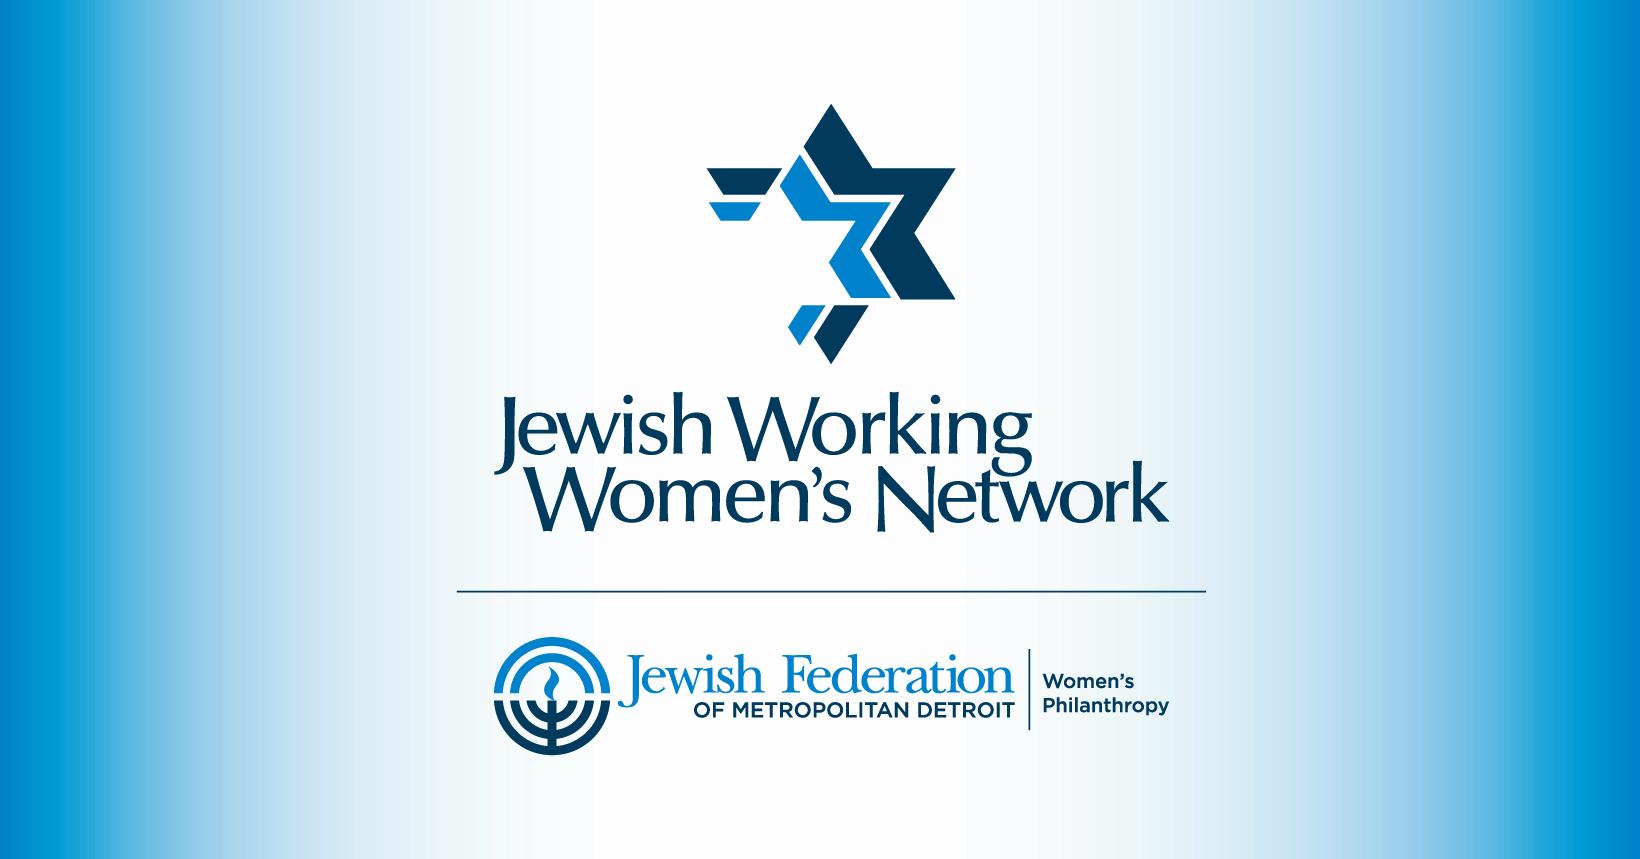 2020 jwwn fb - jfmdmarianne bloomberg-20201125-140654.jpg